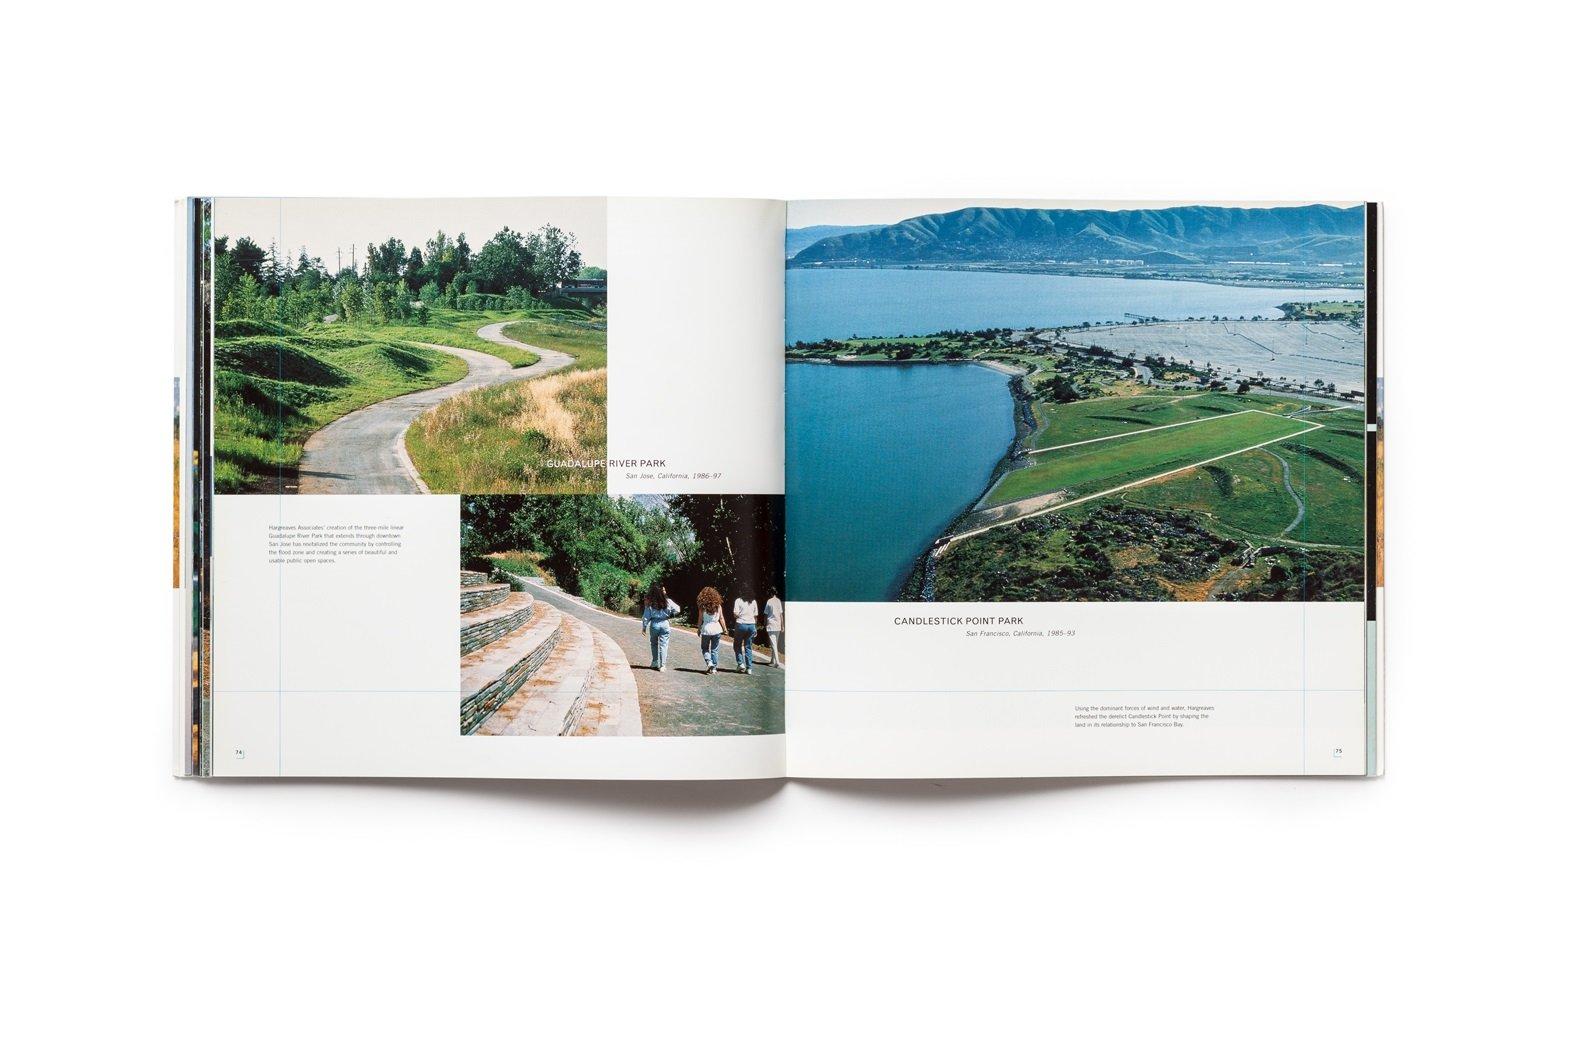 Revelatory Landscapes publication pages 74-75